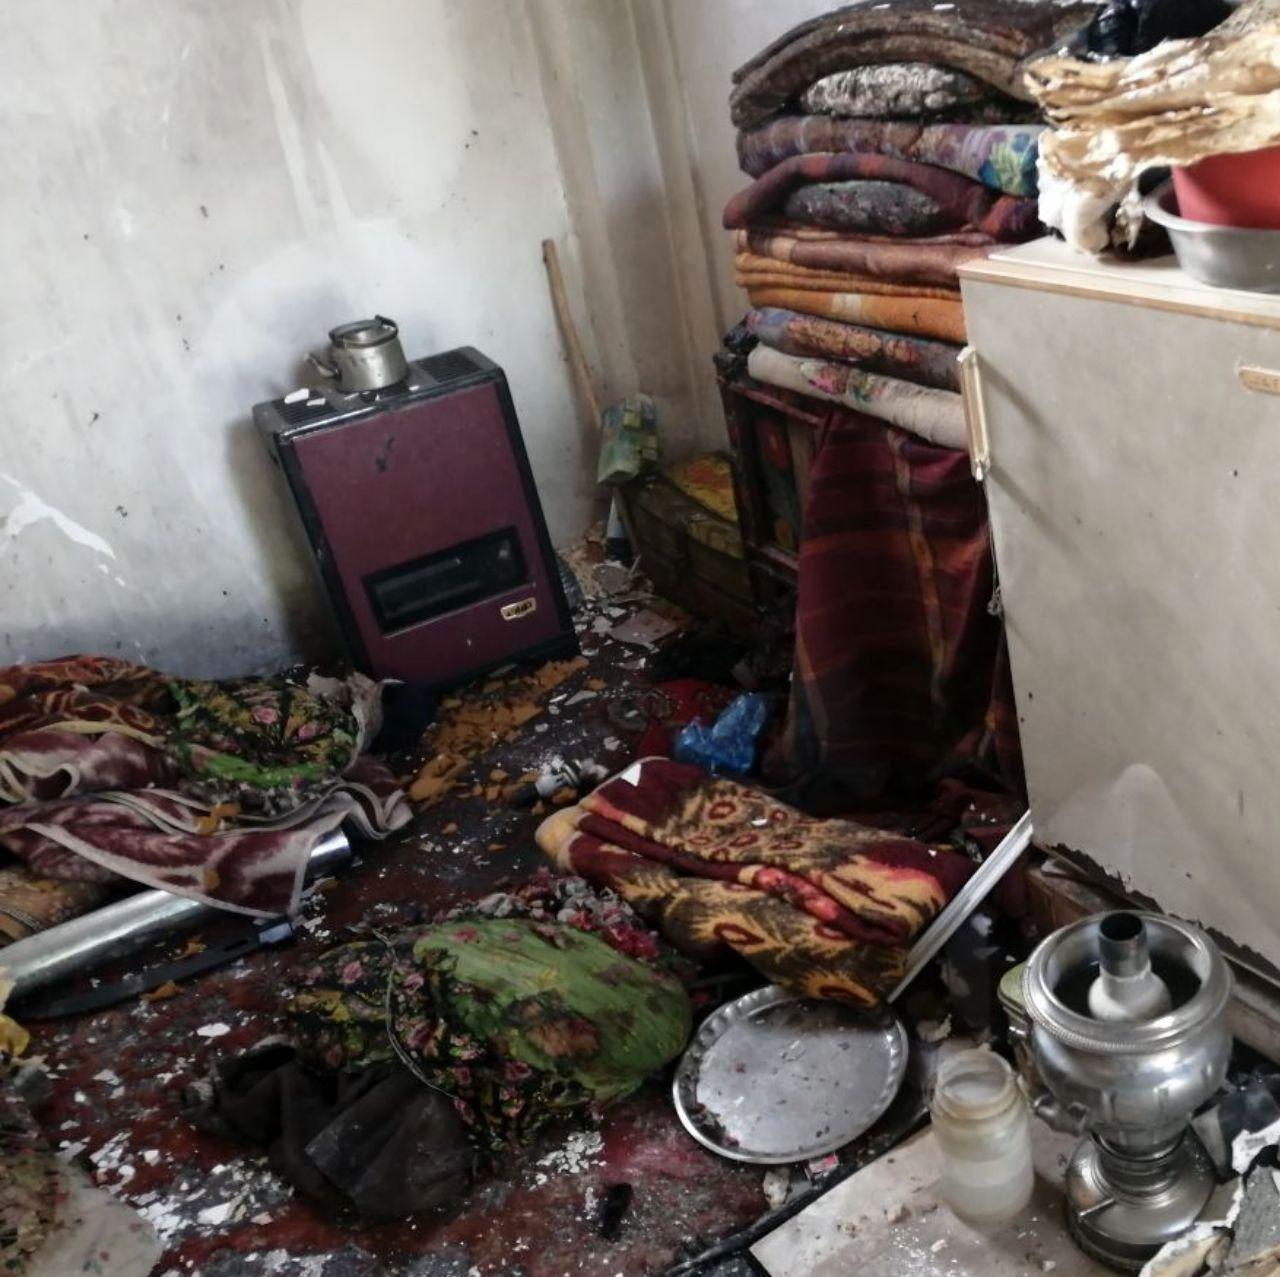 انفجار مهیب گاز در ساختمان مسکونی دو مصدوم بر جای گذاشت+عکس